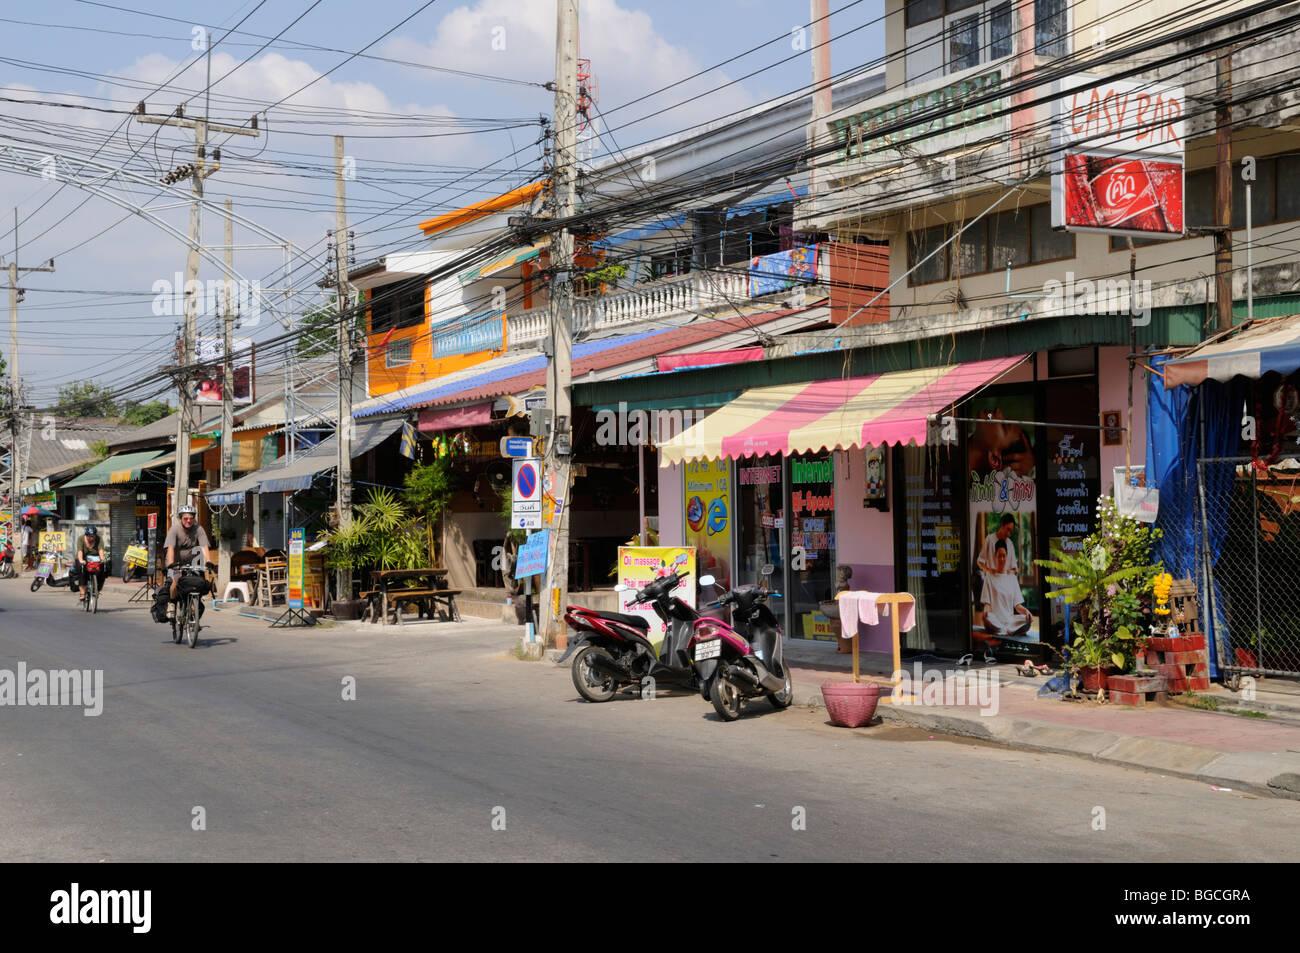 Kanchanaburi Food Market